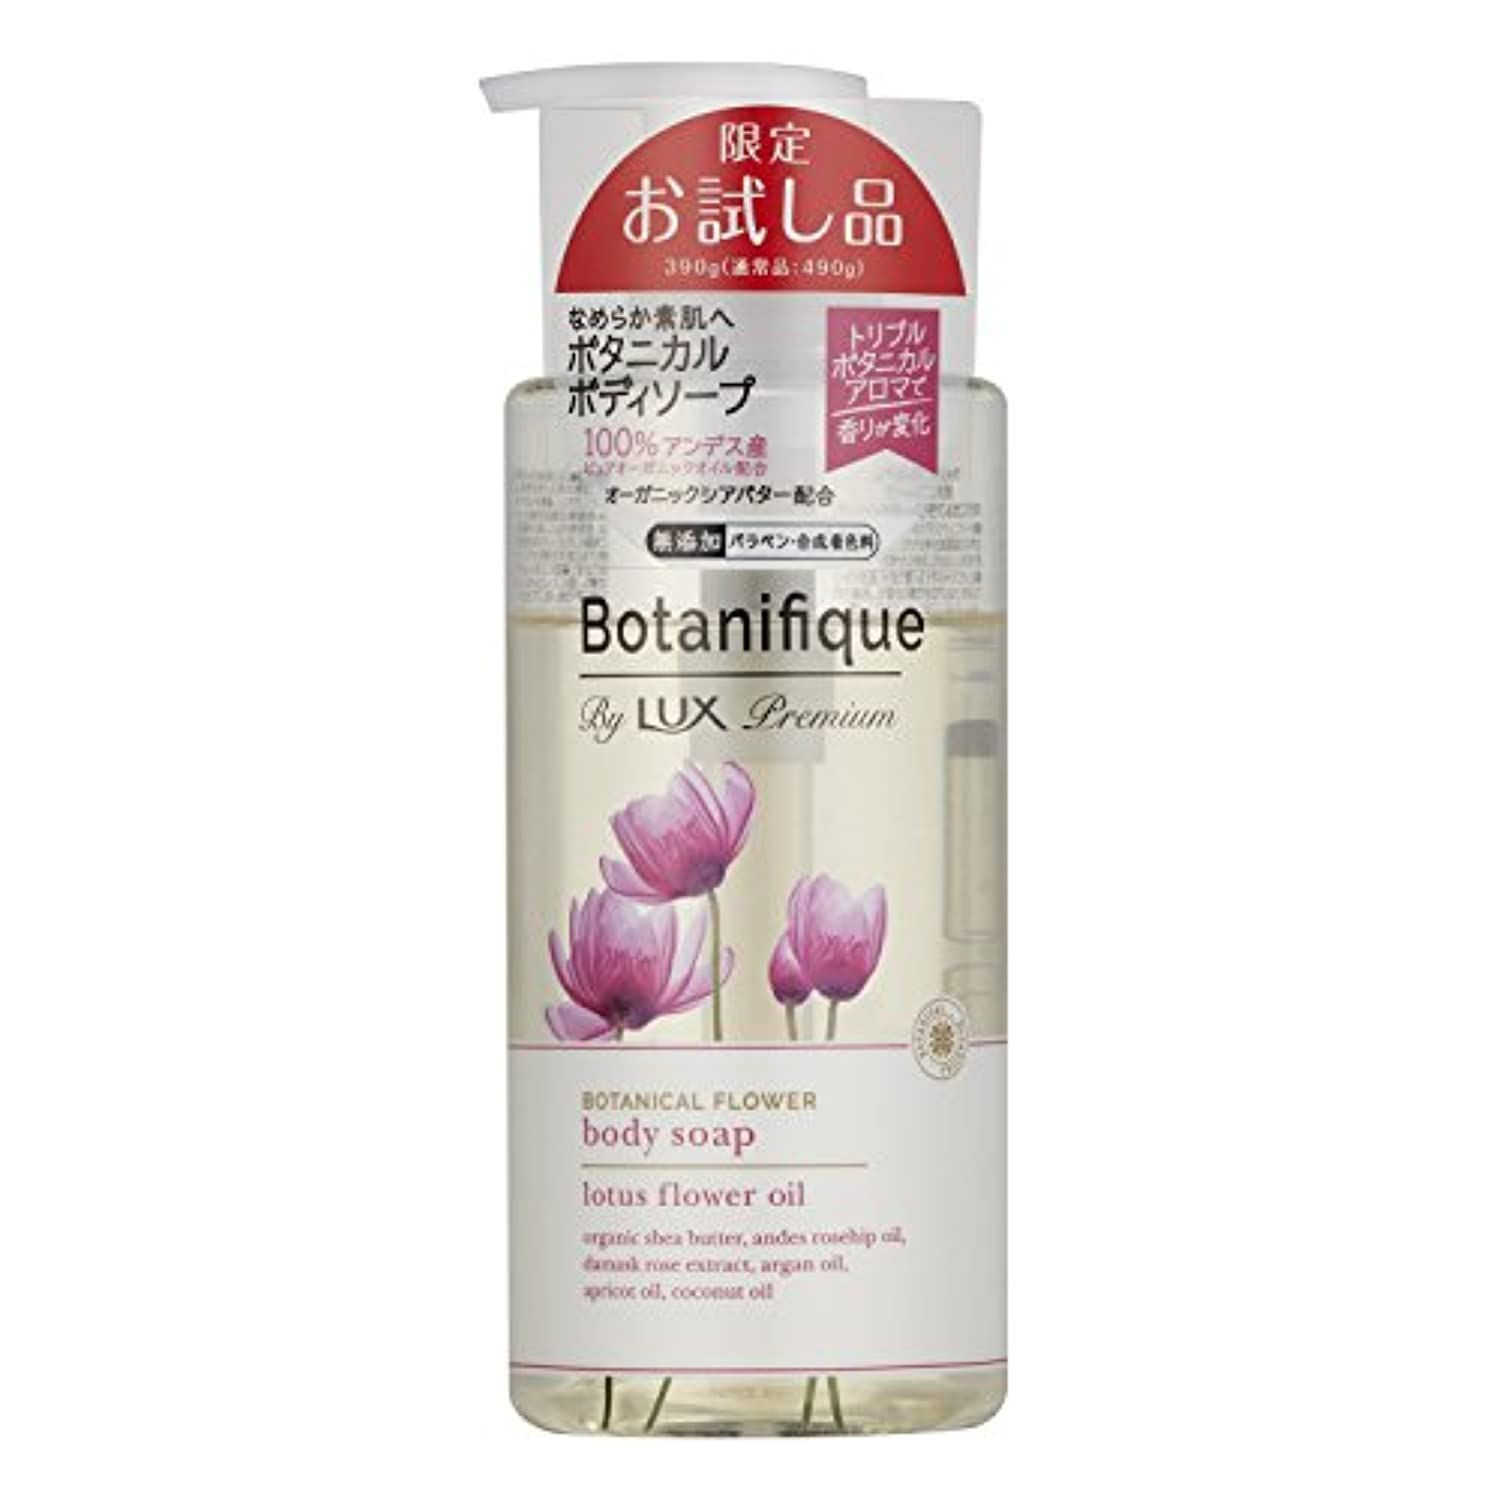 抵抗力があるラビリンス接続されたラックス プレミアム ボタニフィーク ボタニカルフラワー ボディソープ ポンプ(ボタニカルフラワーの香り) お試し品 390g